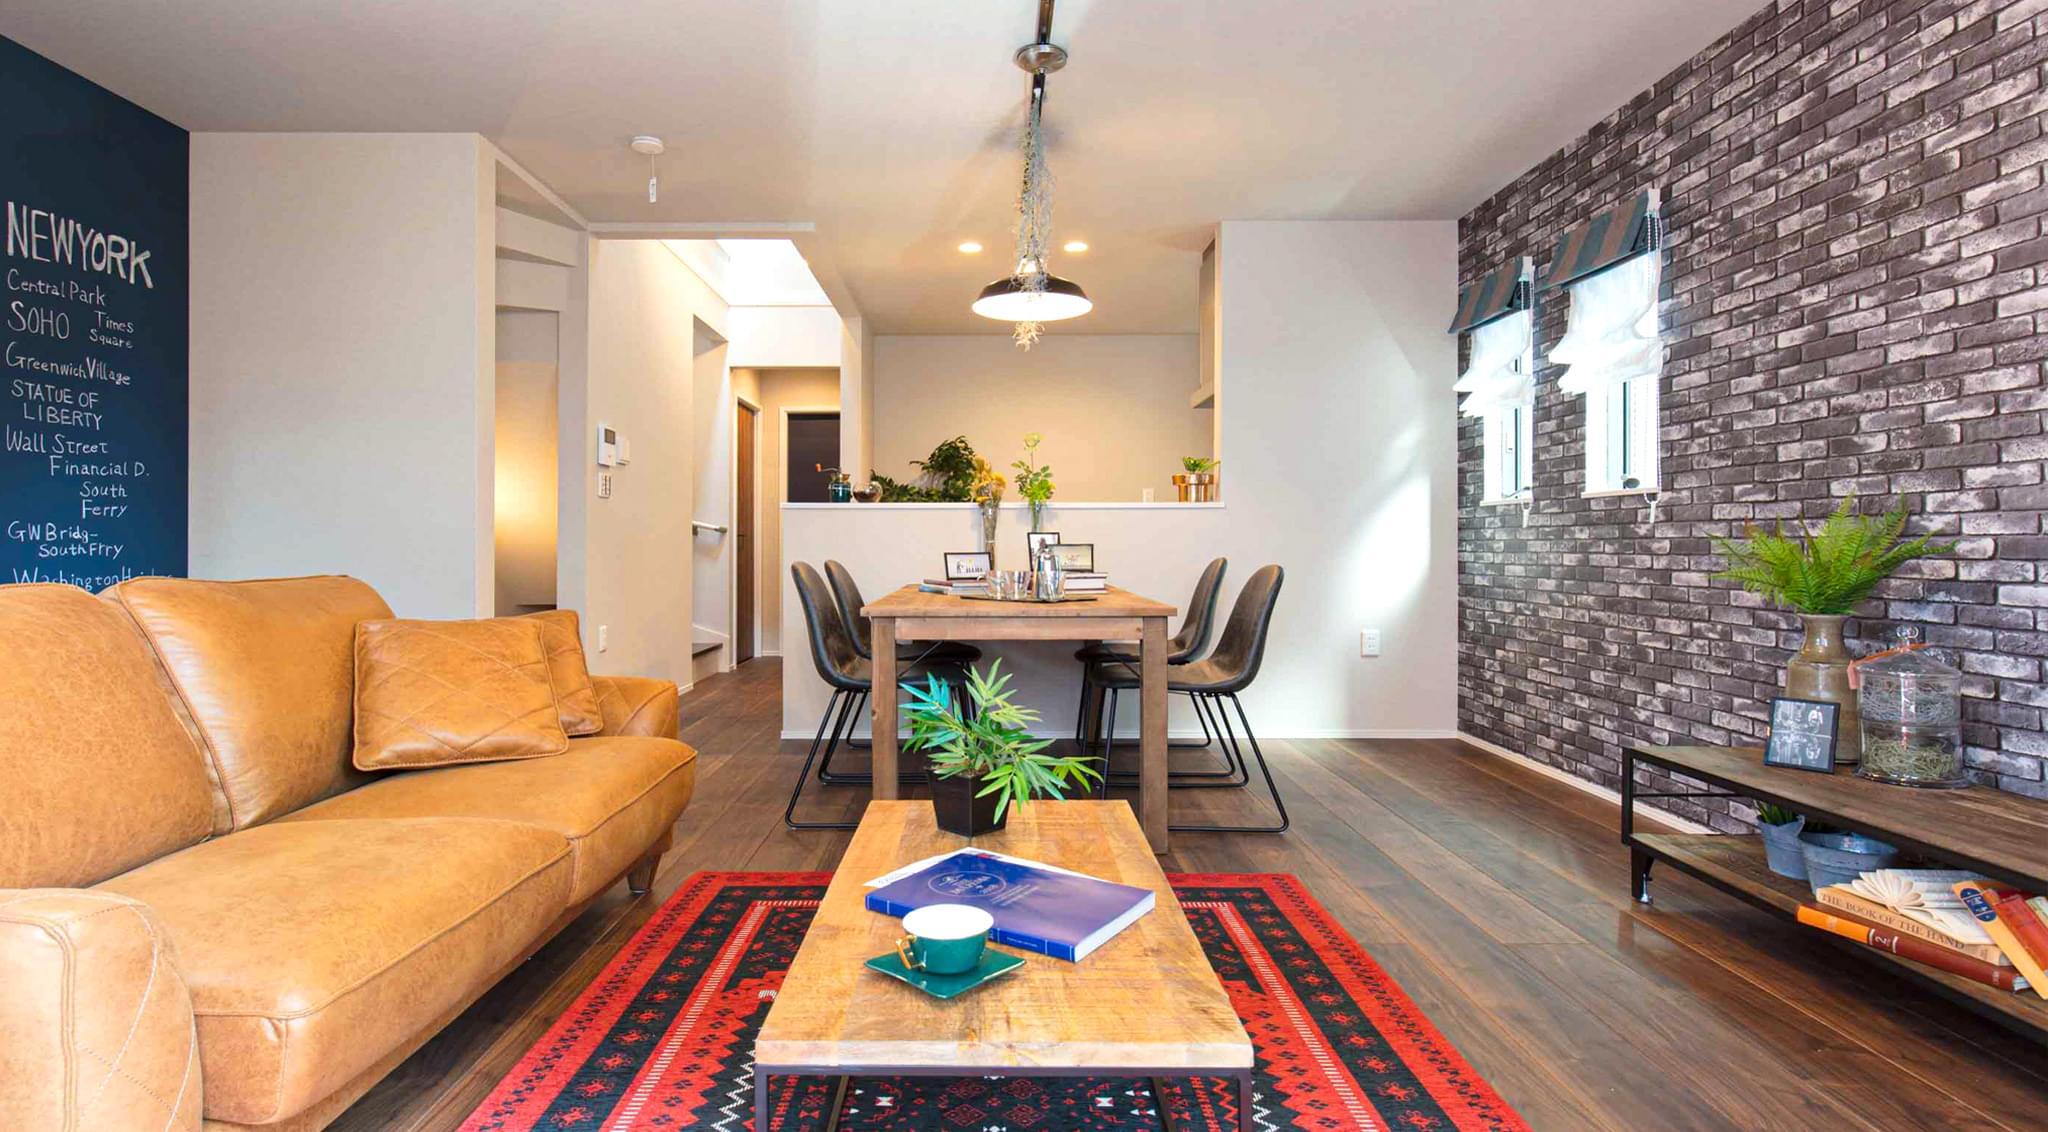 ハウセットが提供するデザイン住宅での暮らしのイメージ